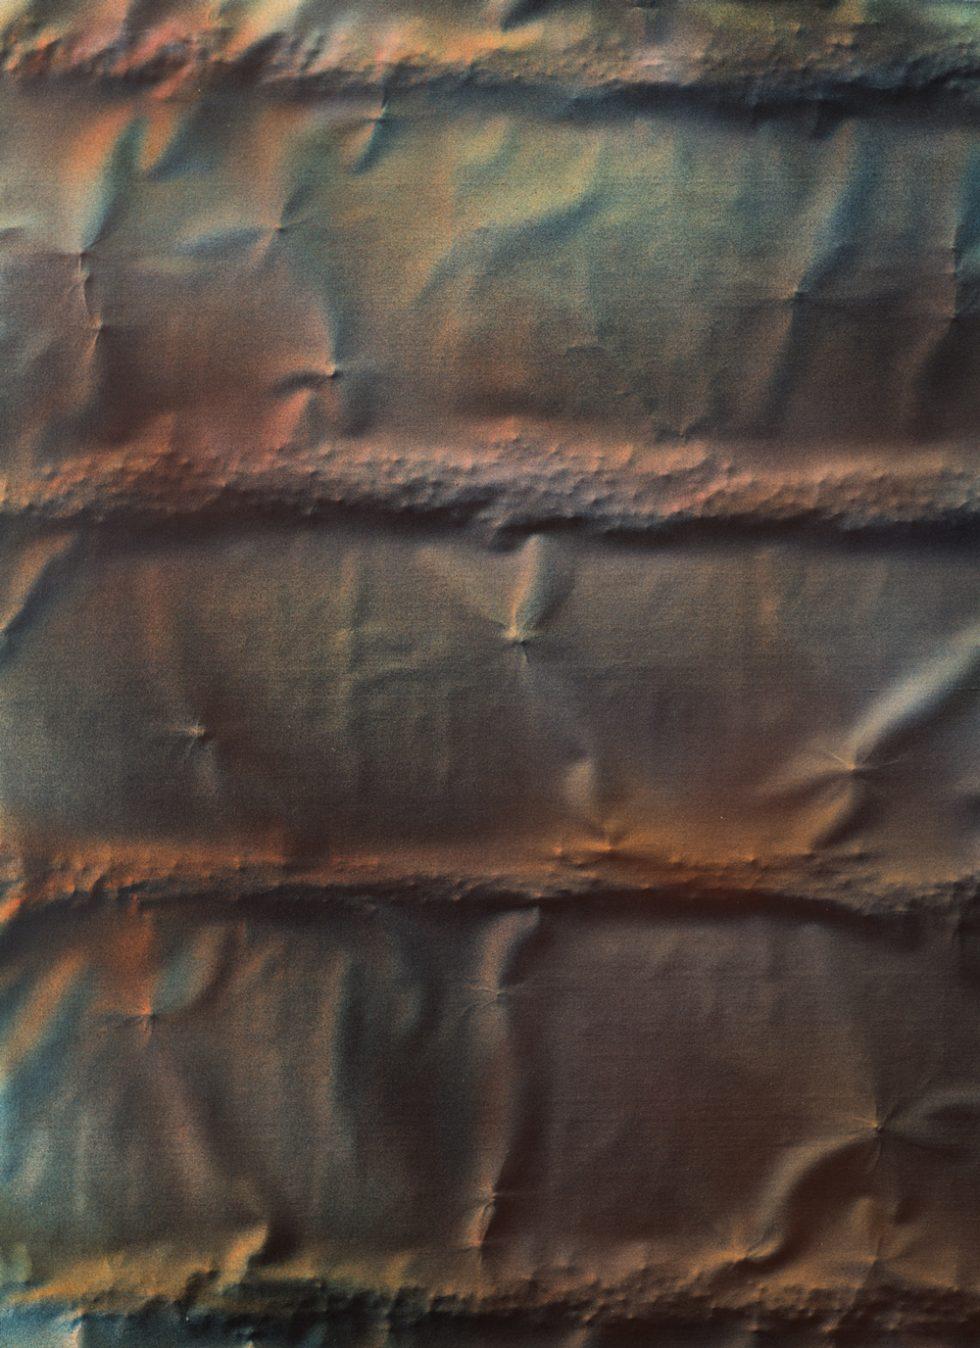 177413-Acrylic-on-canvas-150X100-cm-2017